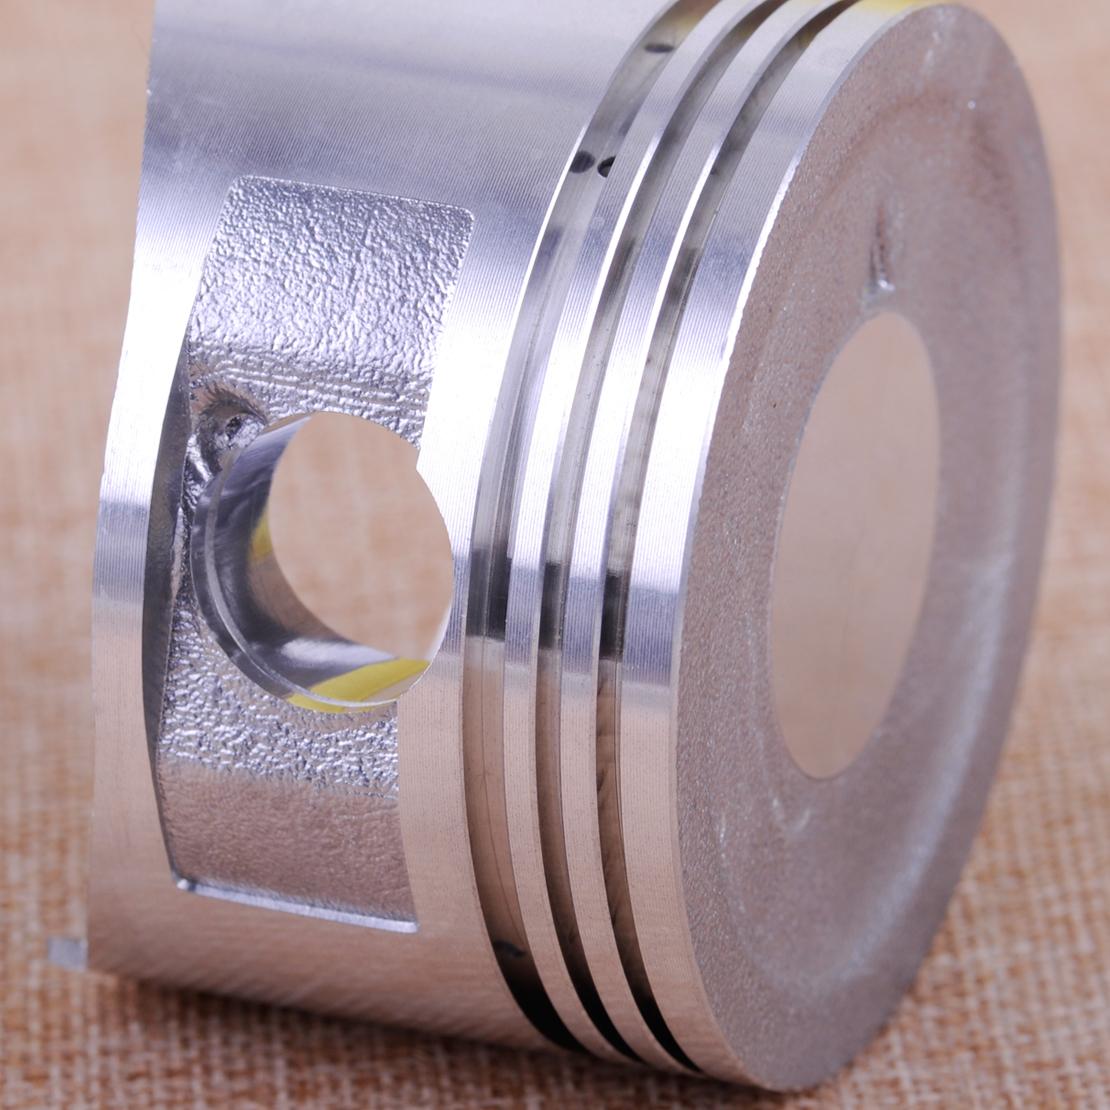 68mm Piston/&Pin/&Circlip/&Ring Kits Fit For Honda GX160 GX200 GX 160 5.5 HP Engine